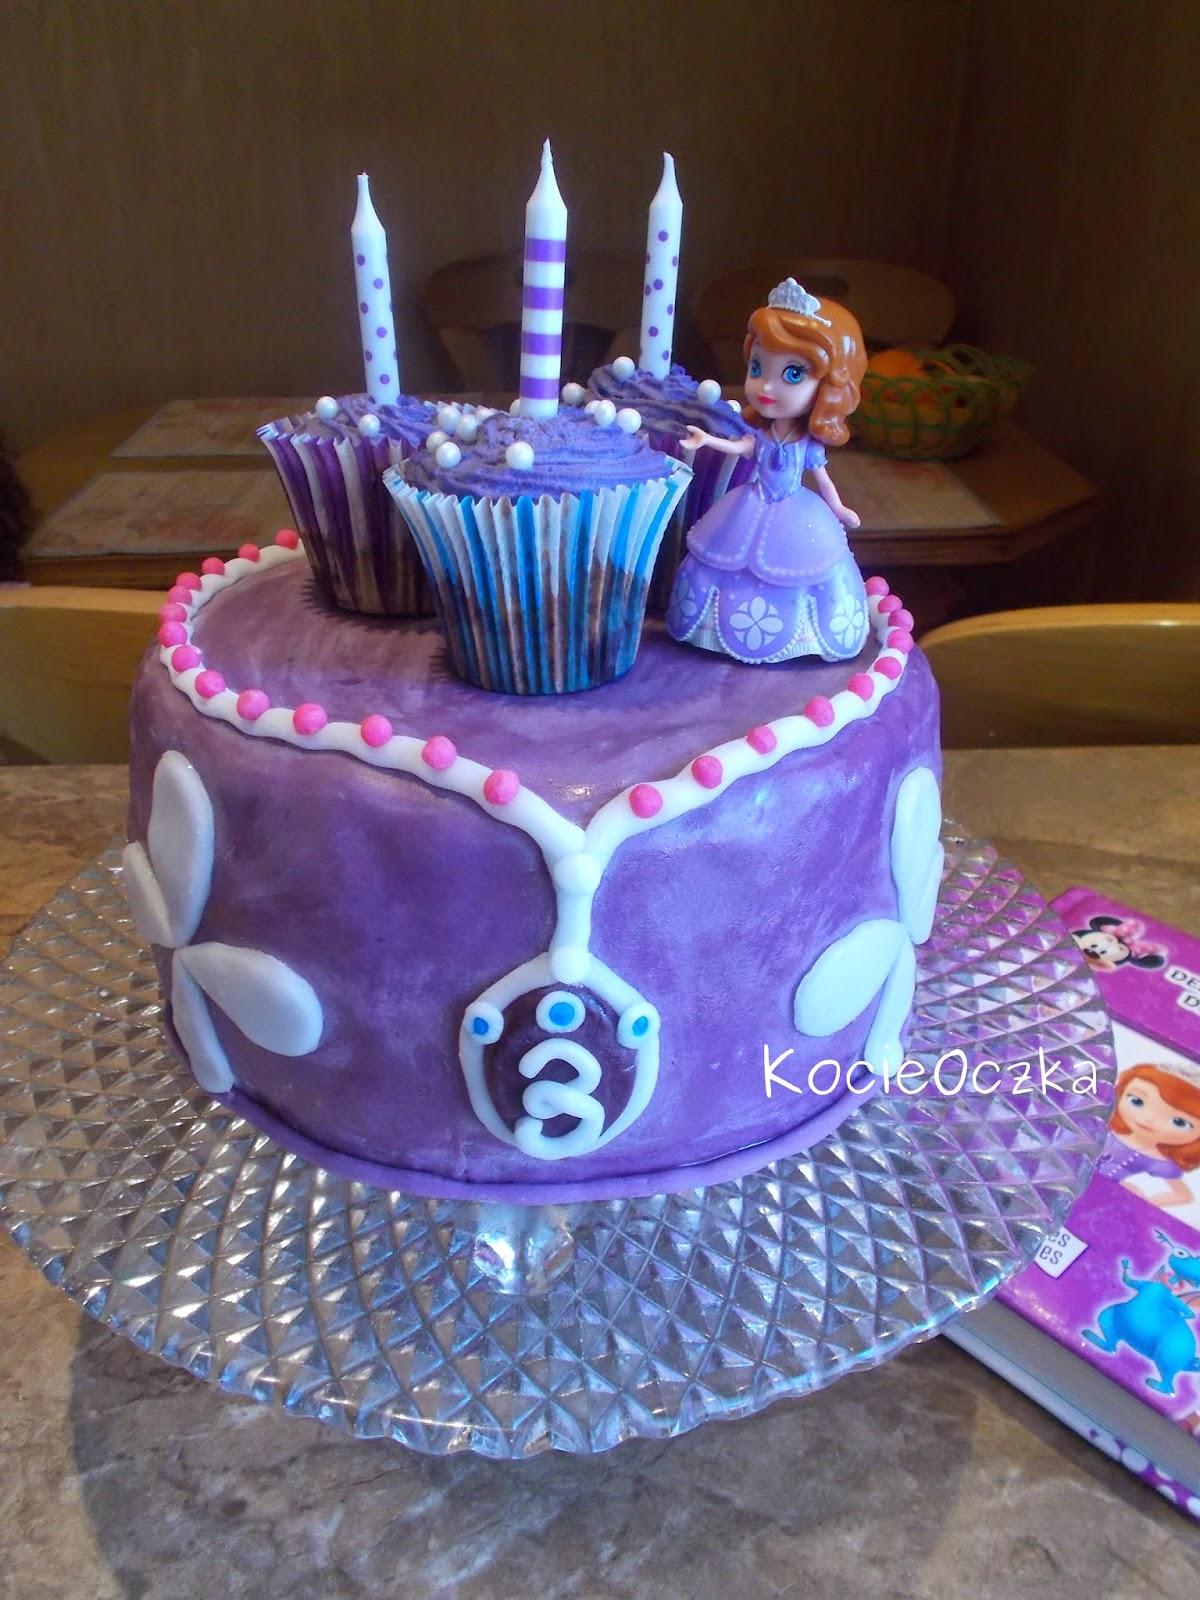 Kocie Oczka Sofia The First Urodzinowy Tort Księżniczki Zosi